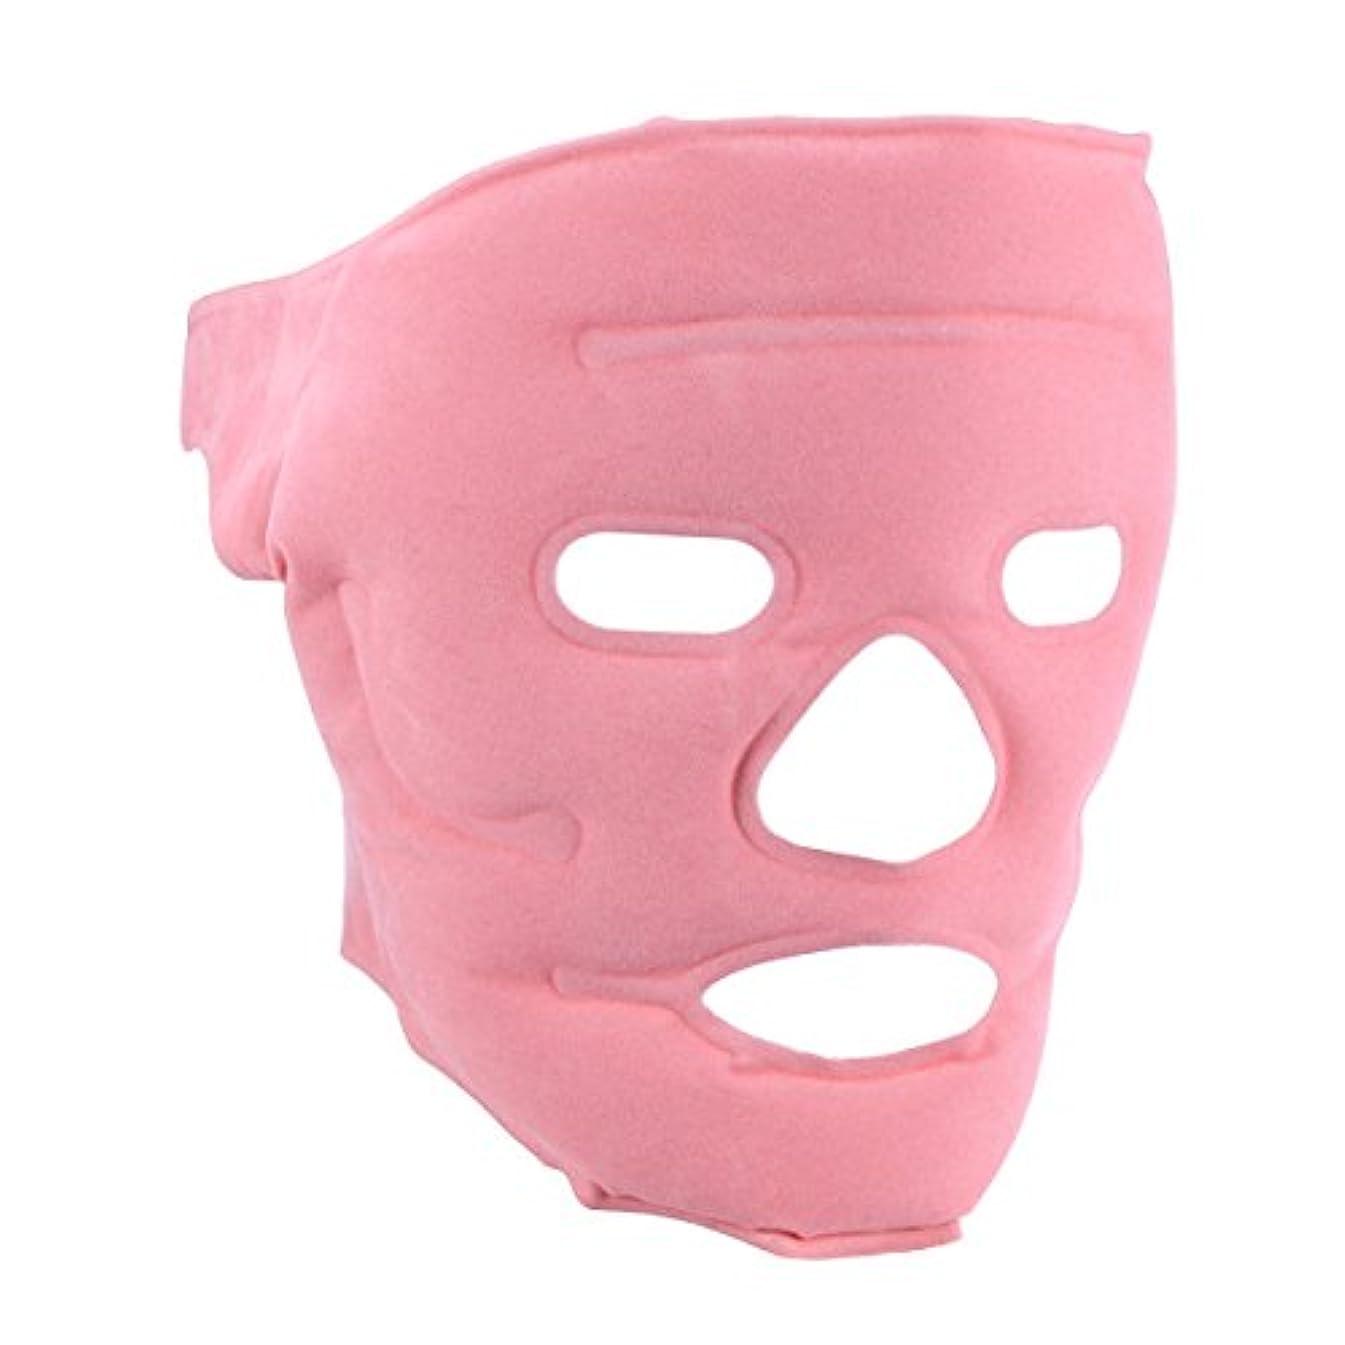 スポーツの試合を担当している人スパークおしゃれなHEALLILY ジェルアイスフェイスマスク美容フェイスリフティングマッサージフェイシャルマスク